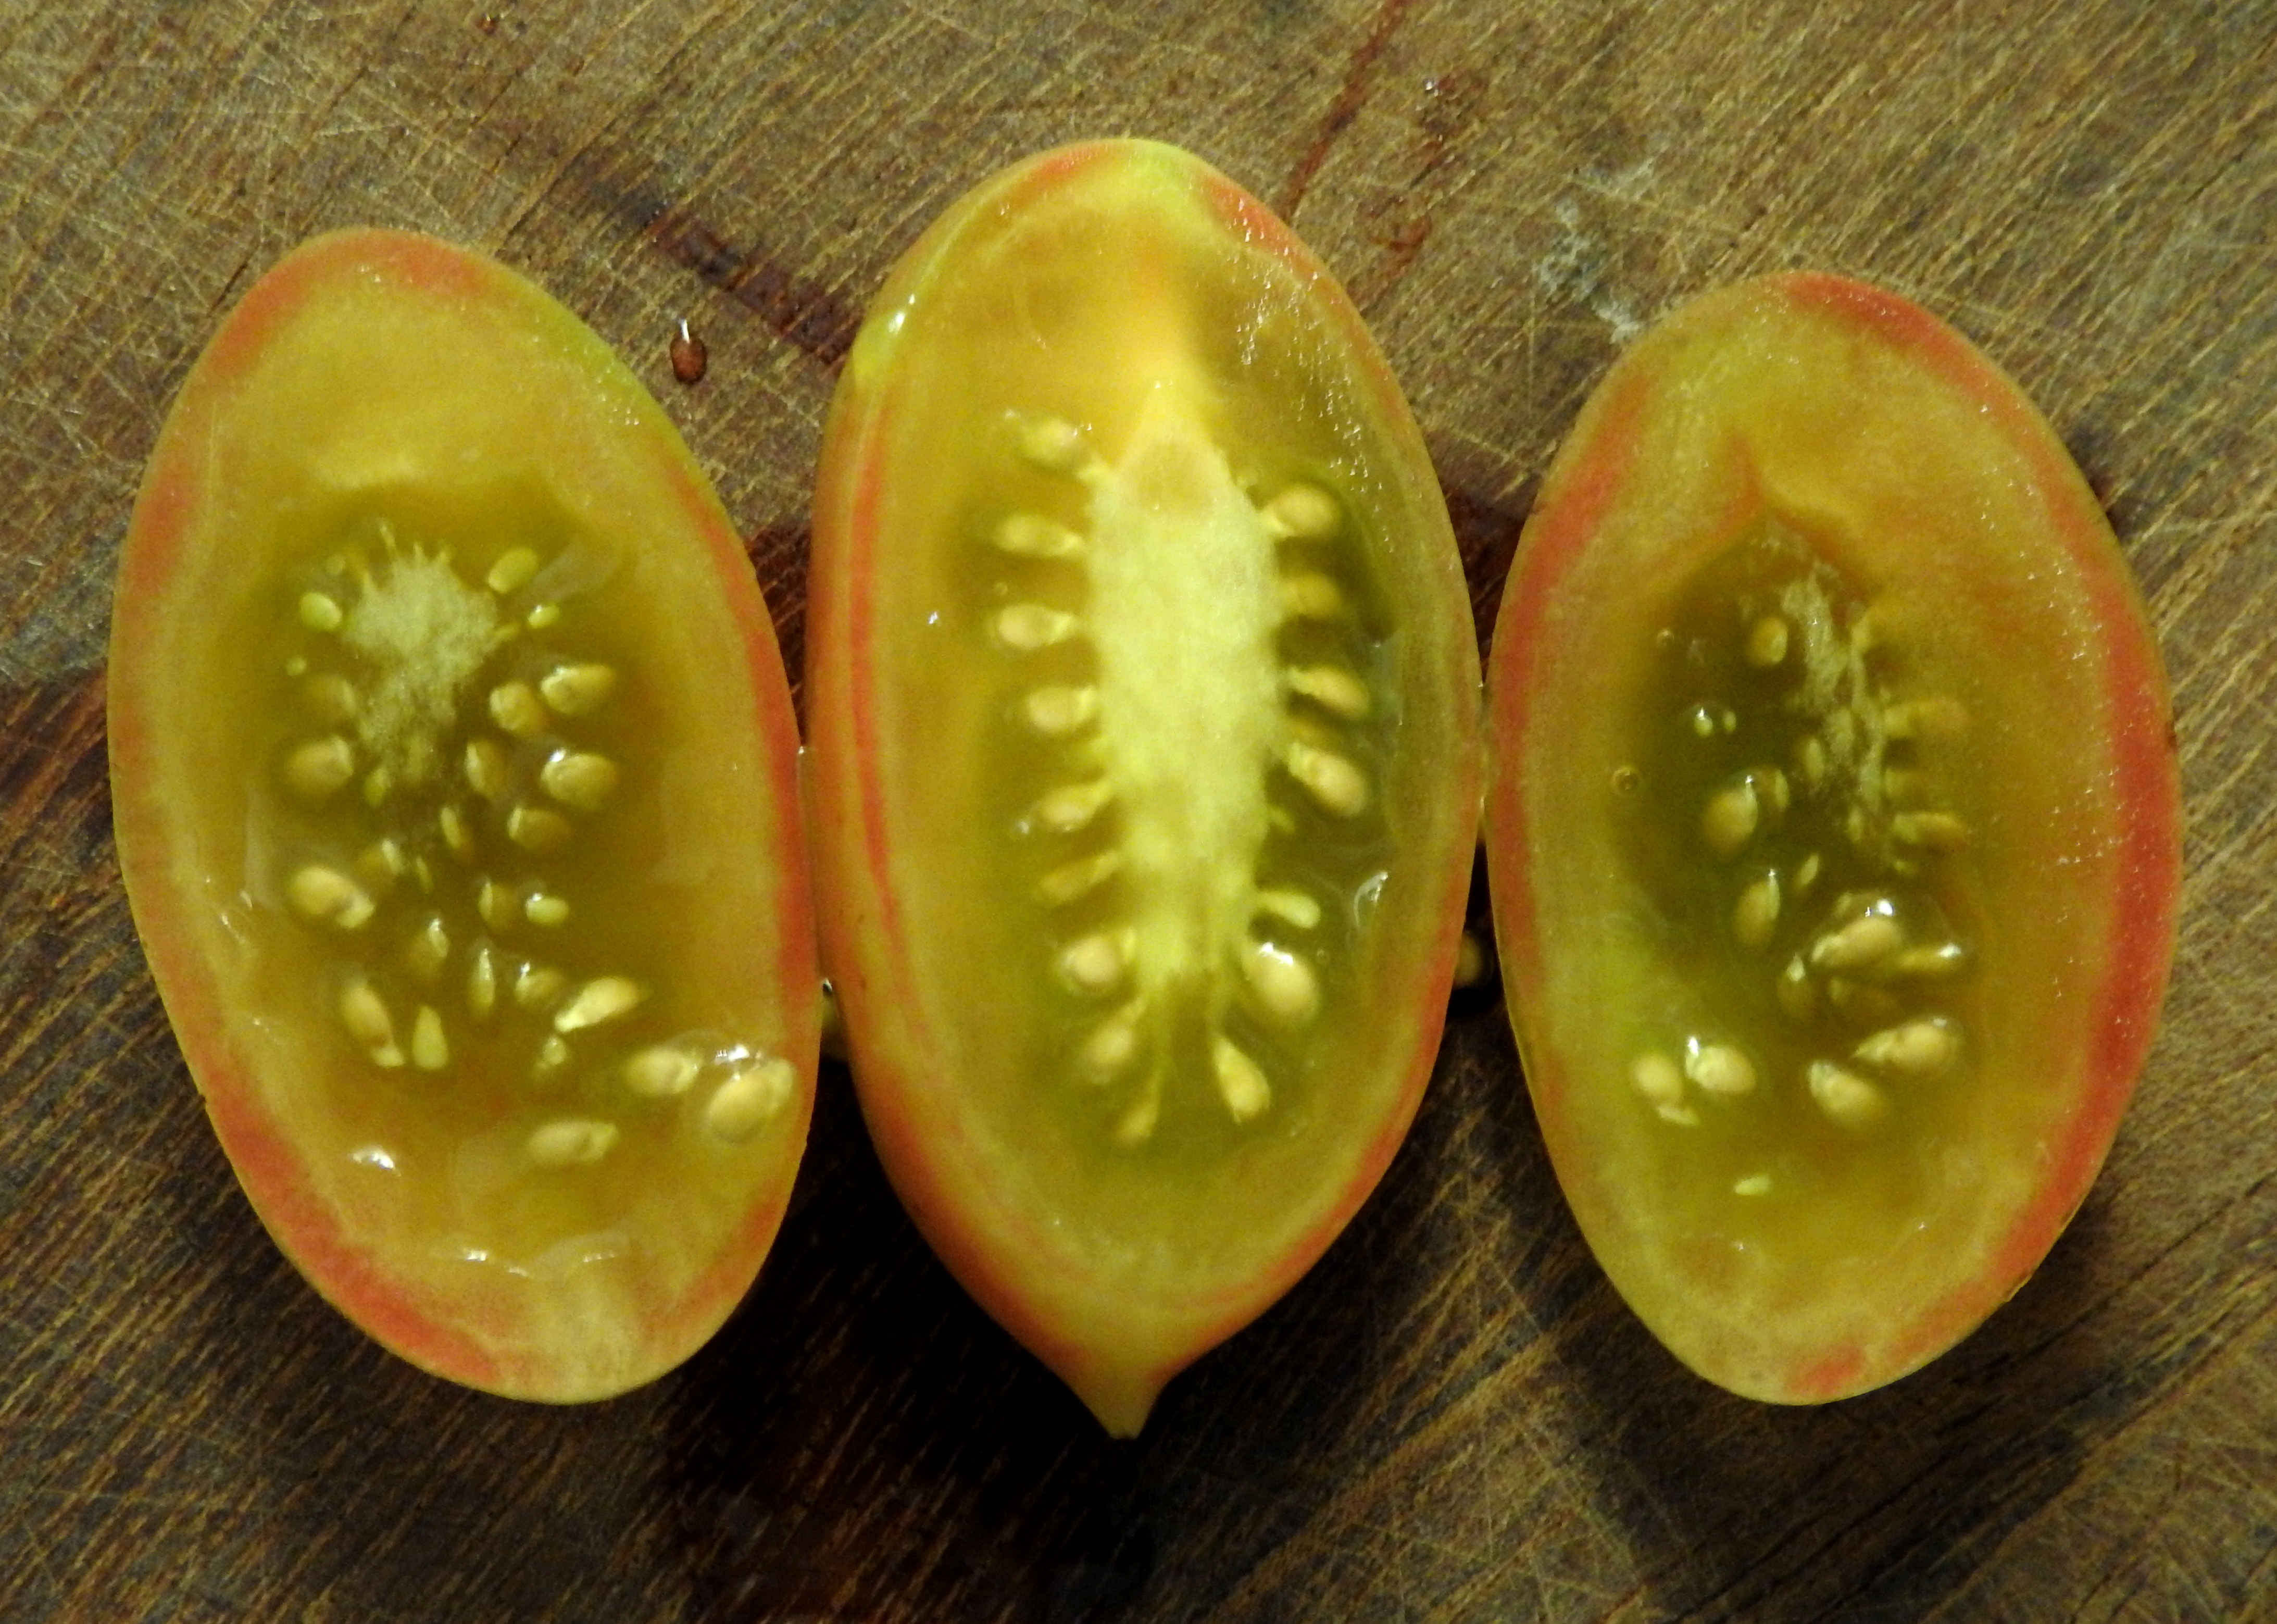 tomatoestoo